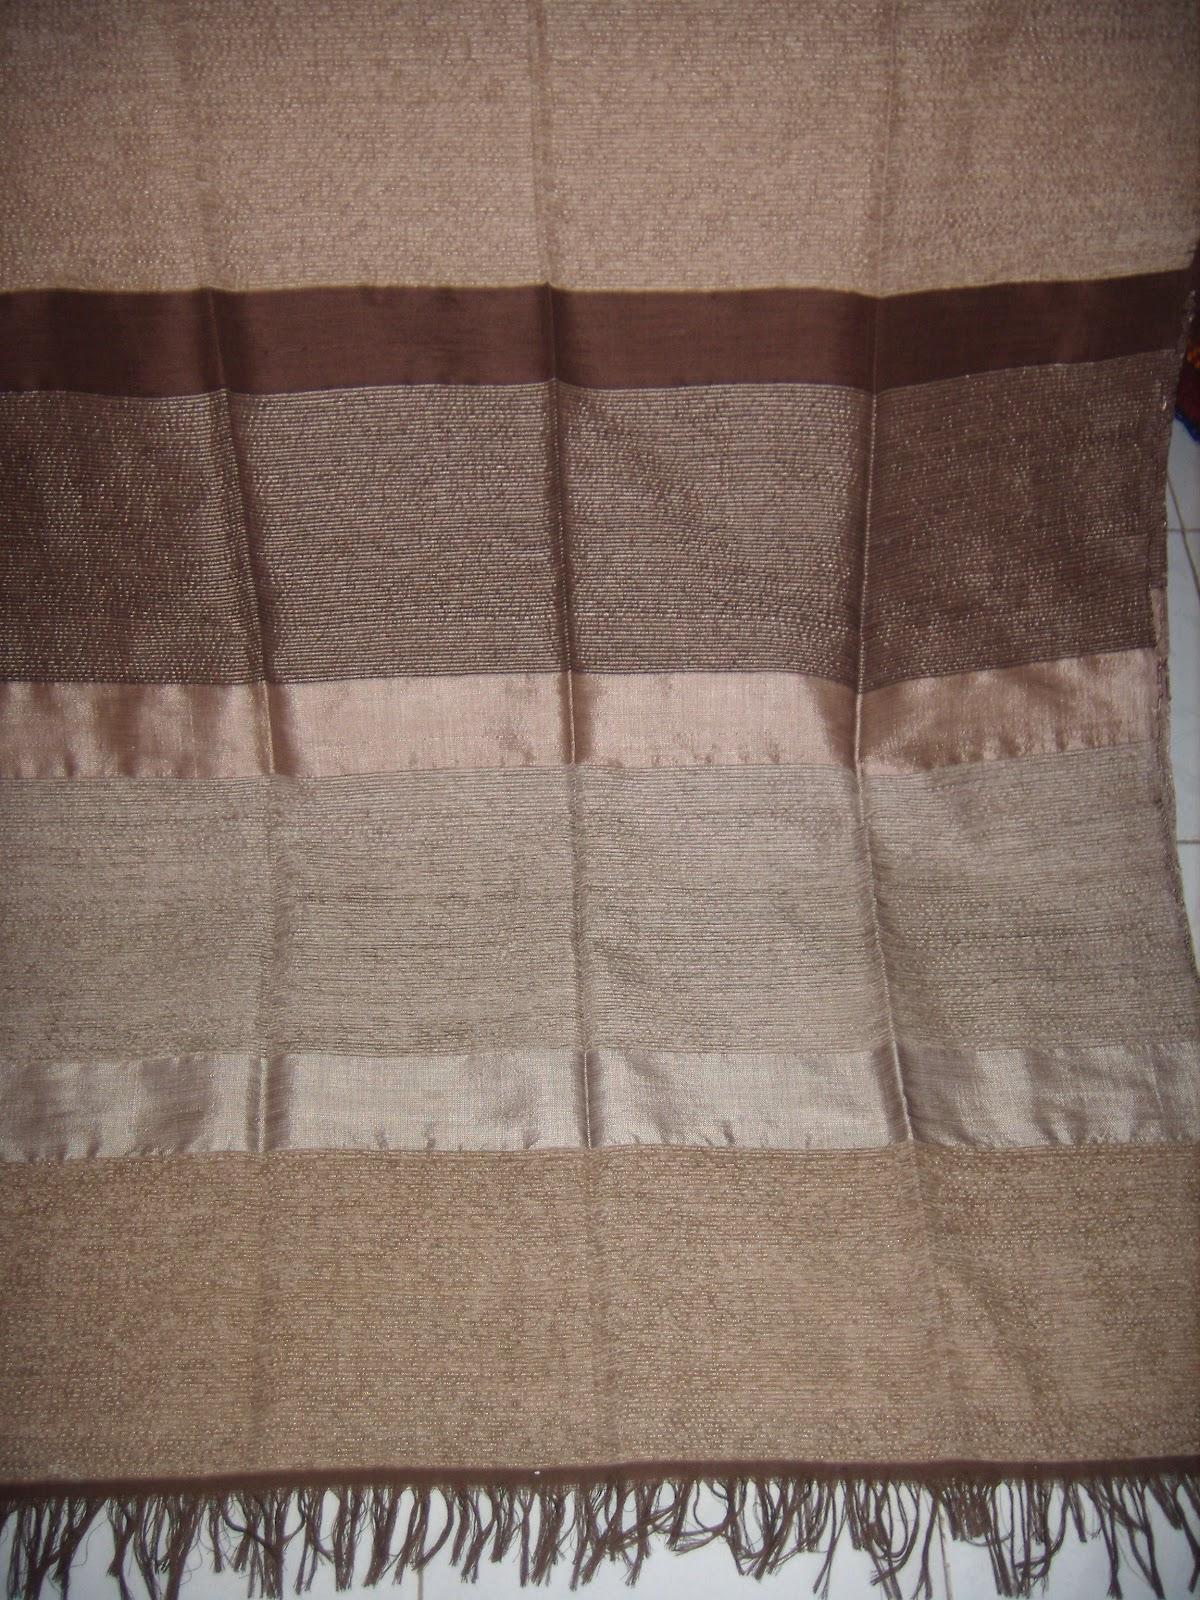 merycarpet couvre lit ou jet de canap beige marron. Black Bedroom Furniture Sets. Home Design Ideas